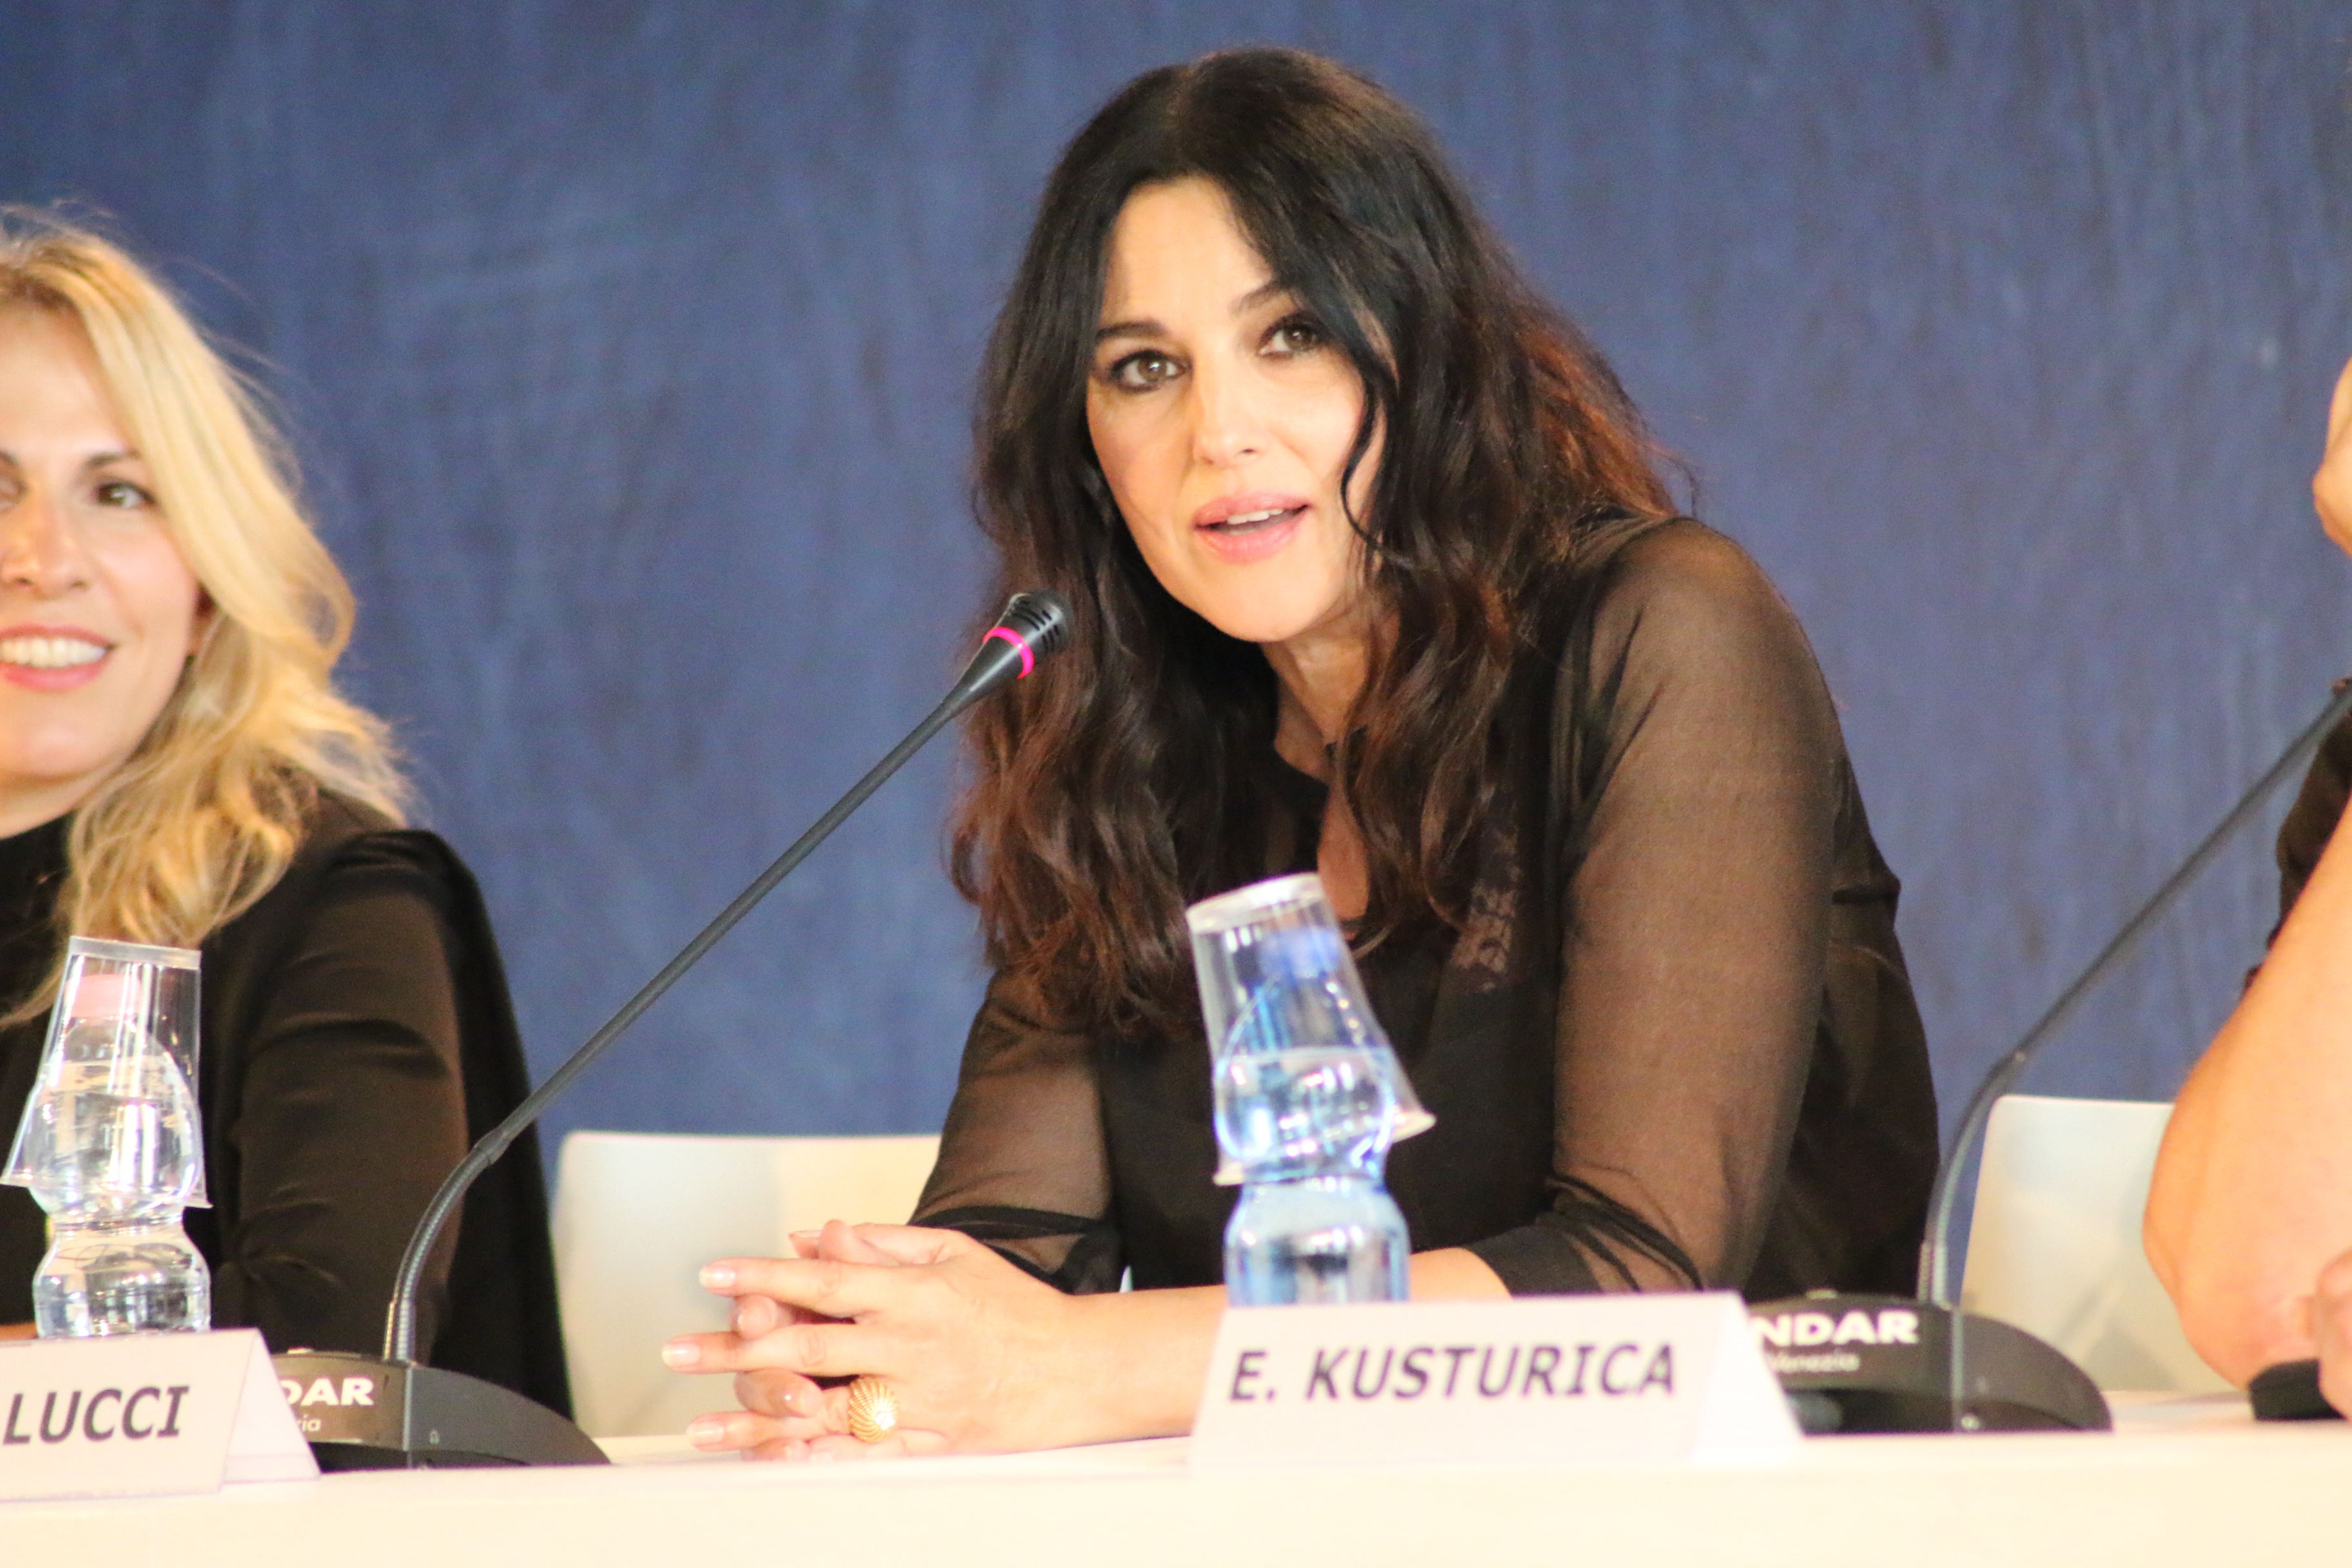 Alla Mostra del Cinema di Venezia sono sbarcati il regista serbo Emir Kusturica, le attrici Monica Bellucci e Sloboda Mićalović, oltre ai produttori del film, per presentare On the milky […]